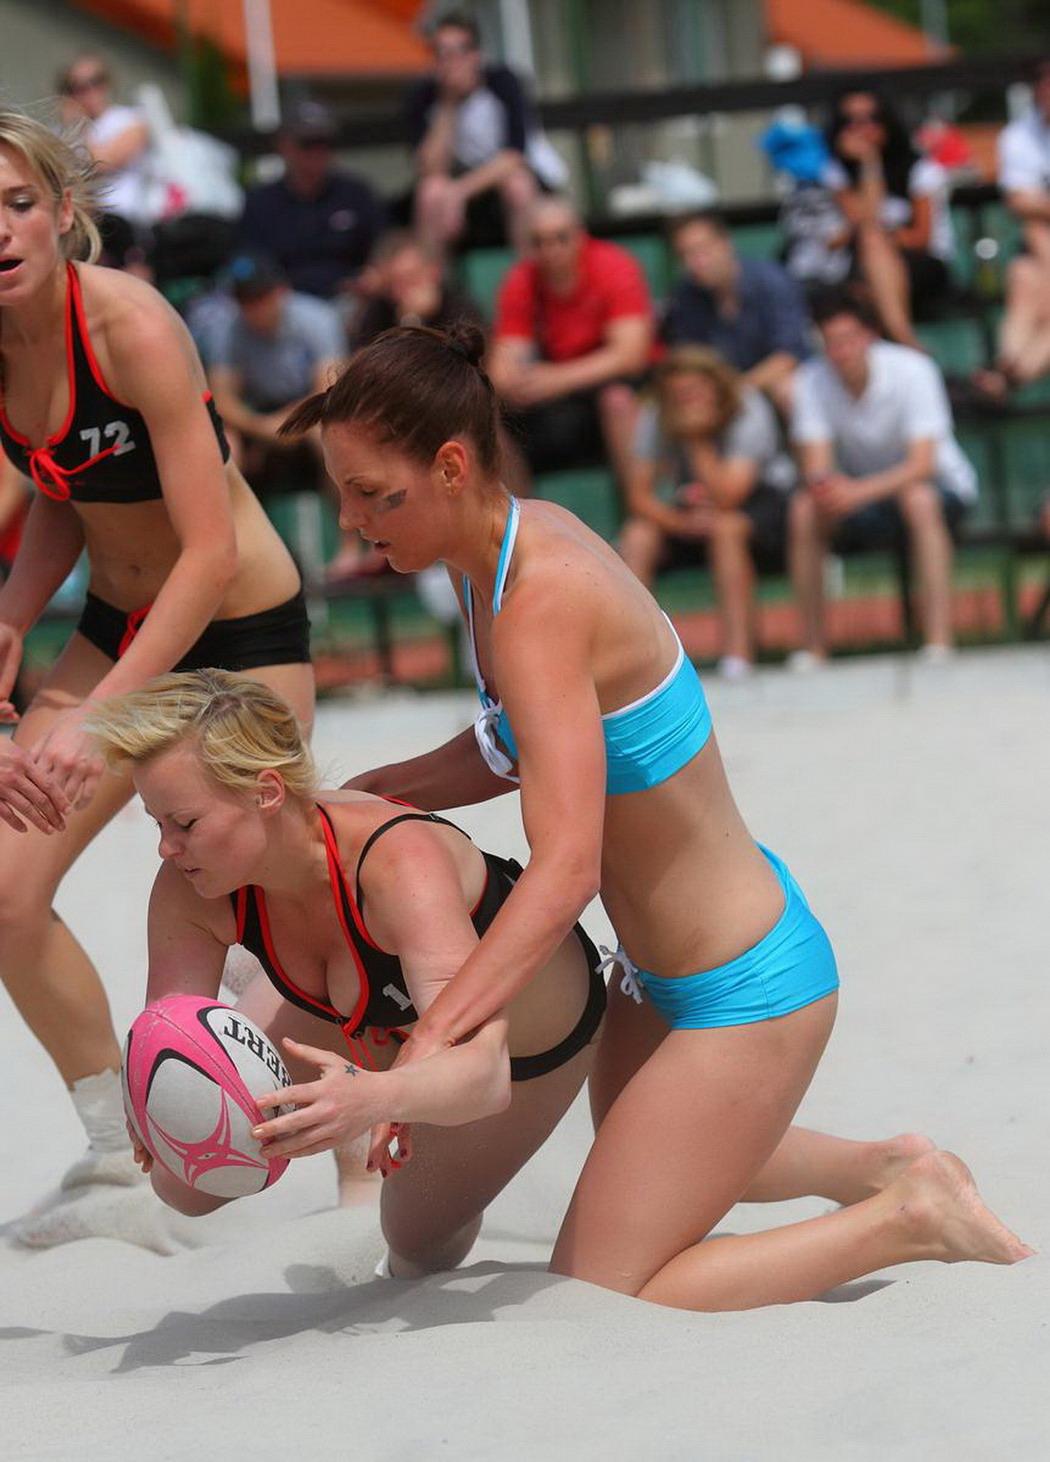 Сексуальный чемпионат по американскому футболу на пляже (67 фото)